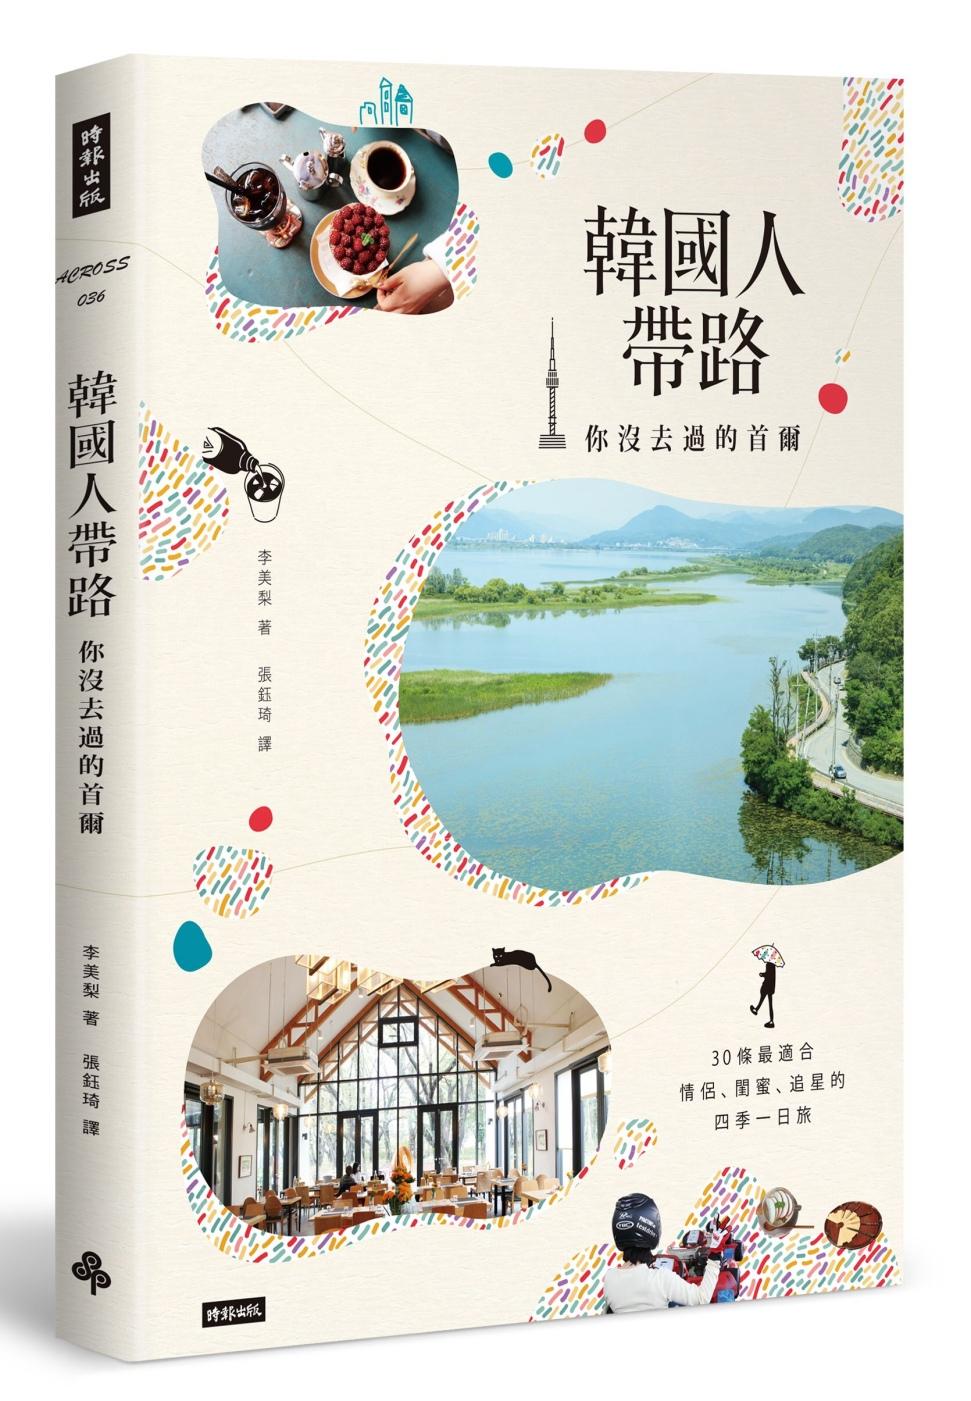 ◤博客來BOOKS◢ 暢銷書榜《推薦》韓國人帶路,你沒去過的首爾:30條最適合情侶、閨蜜、追星的四季一日旅